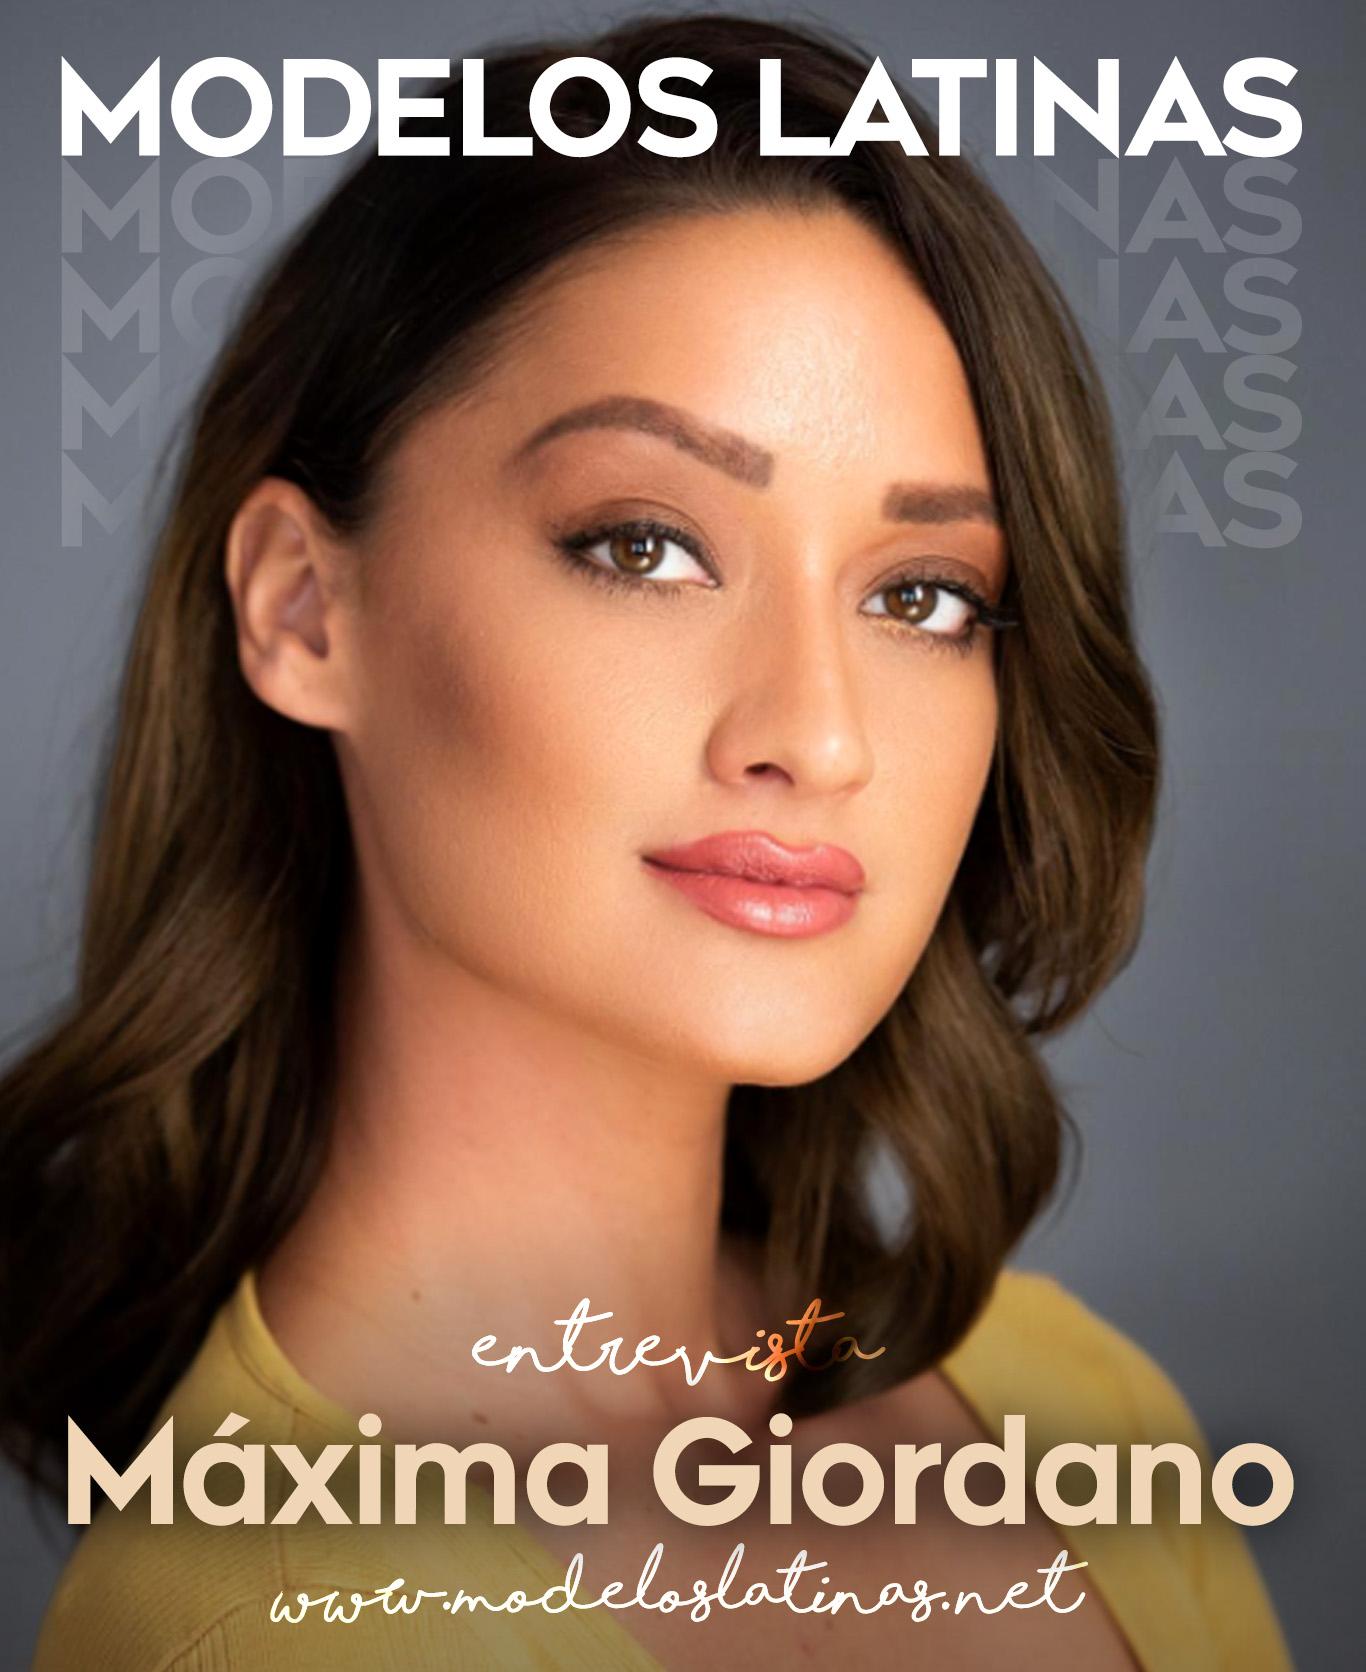 Maxima Giordano: actriz y modelo orientada al éxito